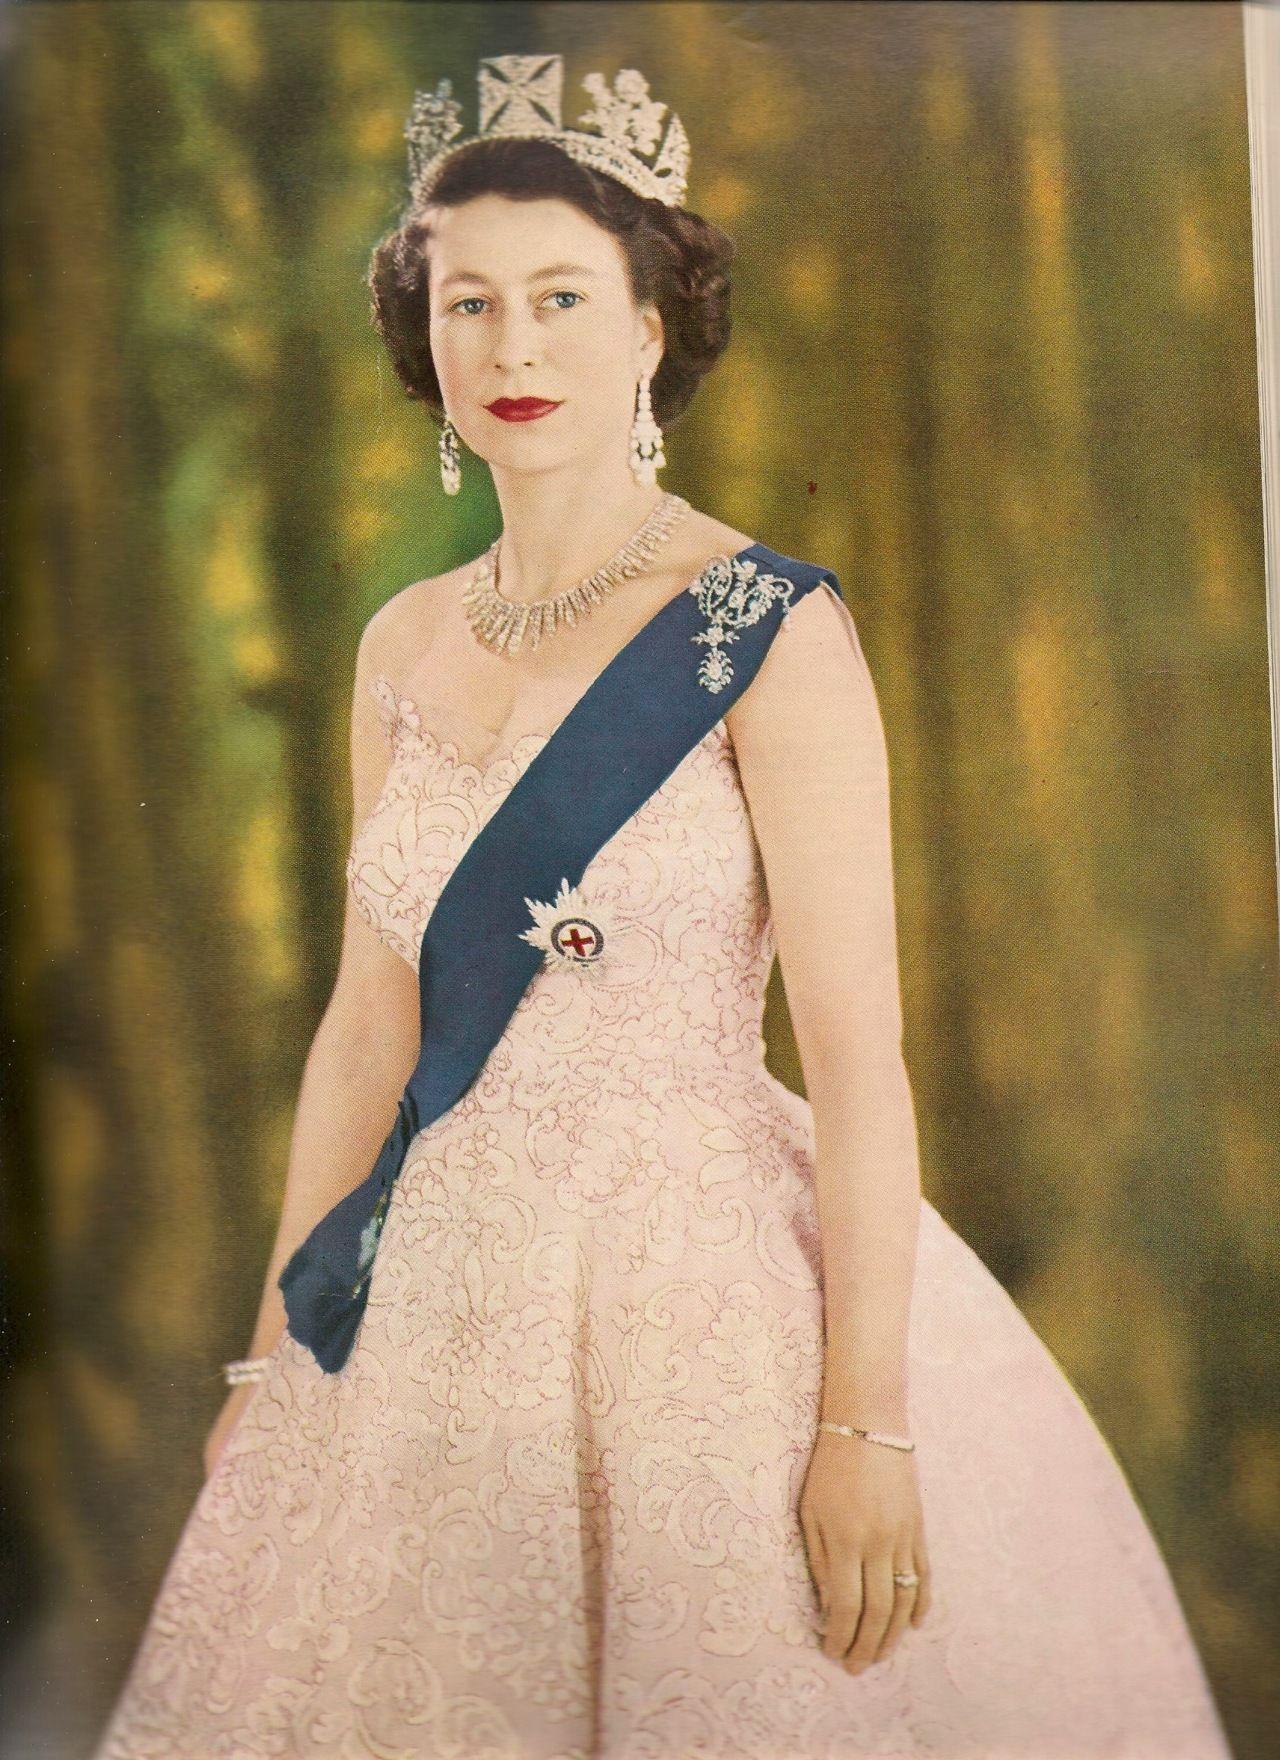 Queen Elizabeth Coronation Portrait 1953 England Queen